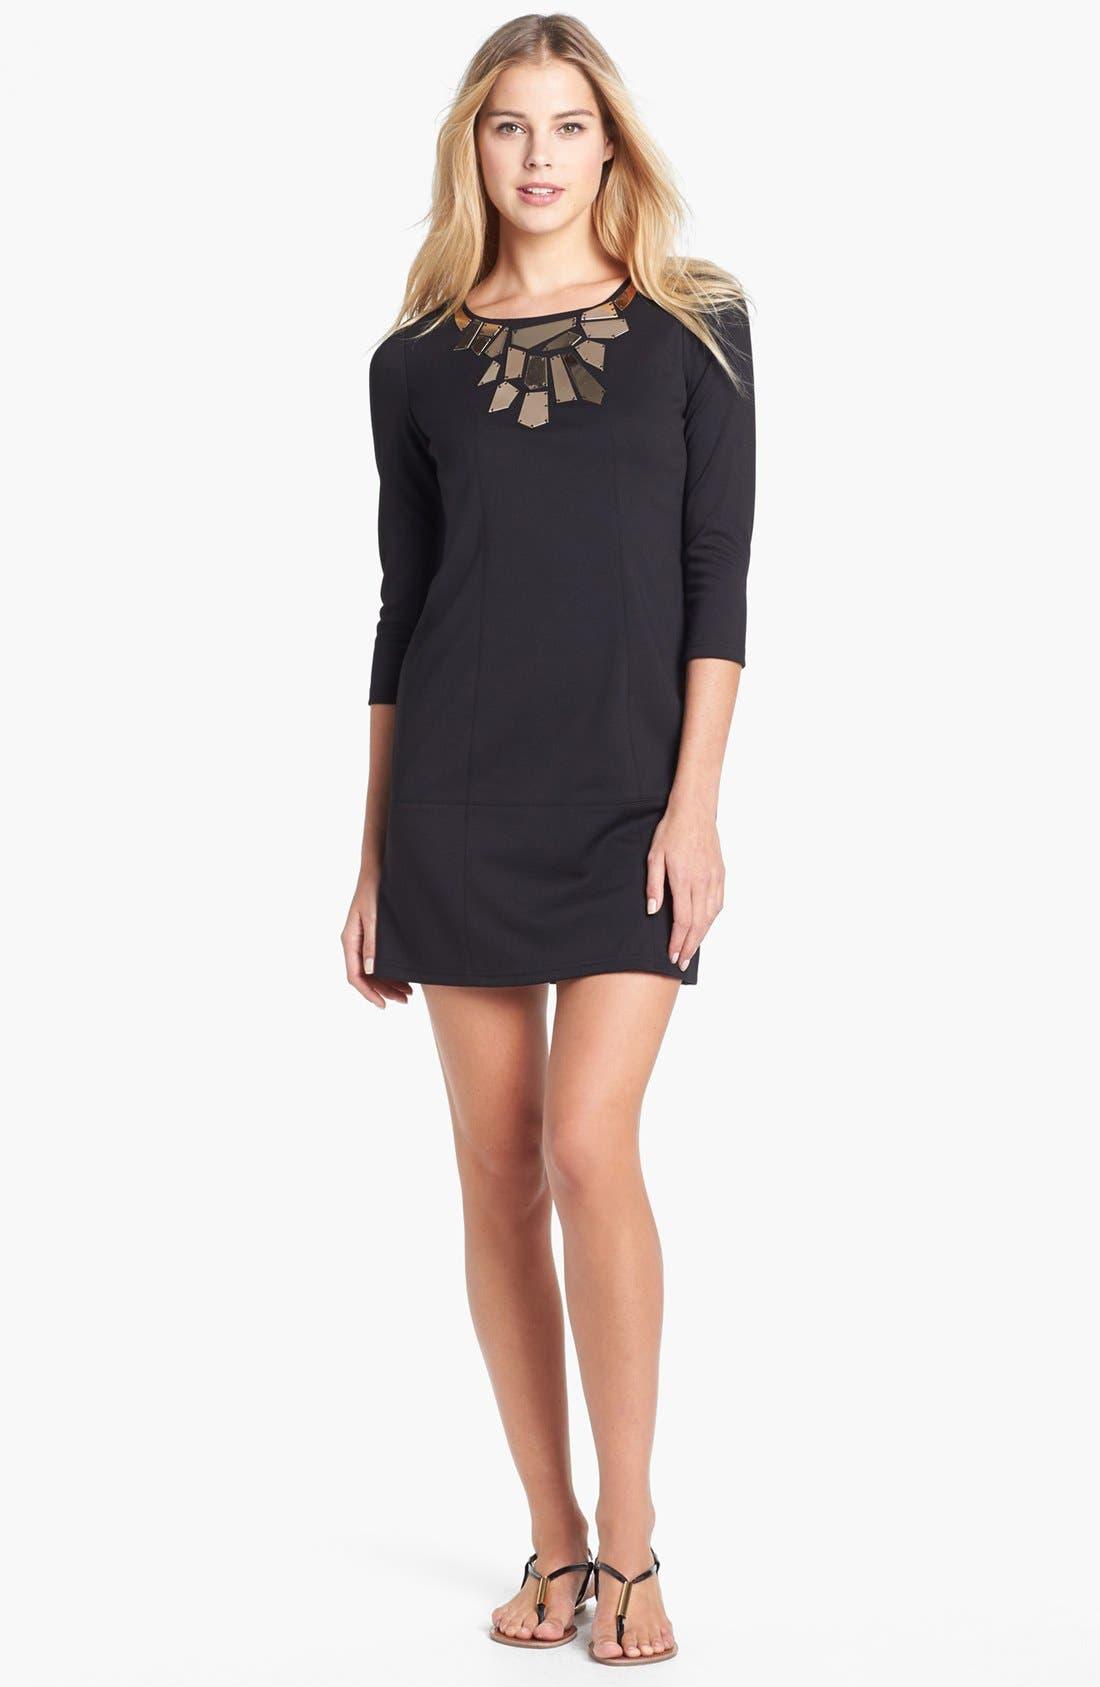 Main Image - Vince Camuto Embellished Neck Ponte Knit Dress